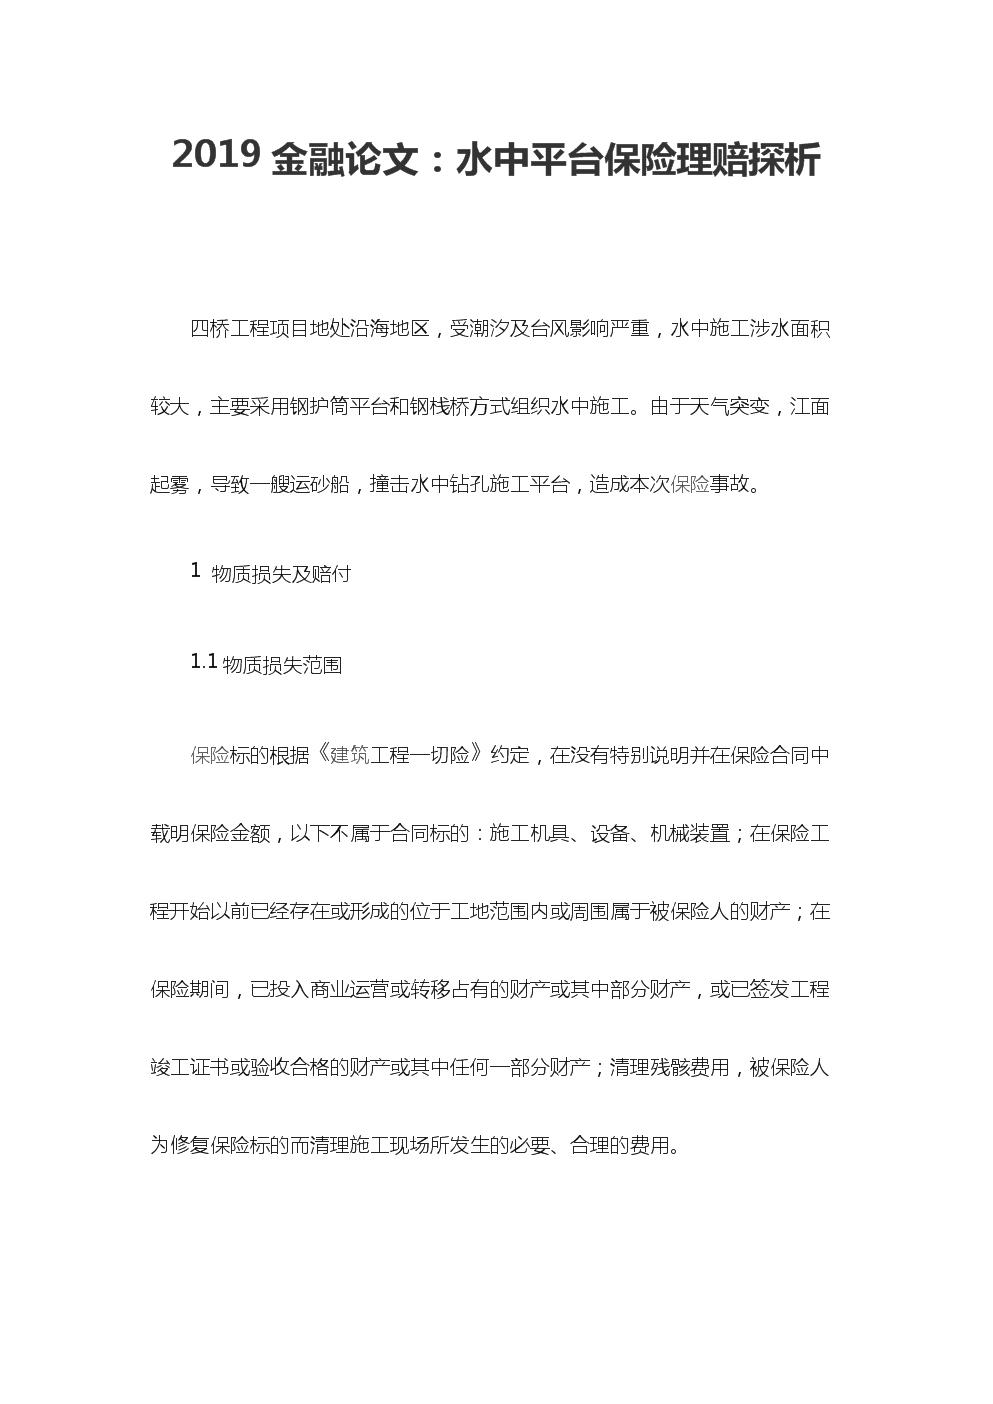 2019金融论文:水中平台保险理赔探析.docx